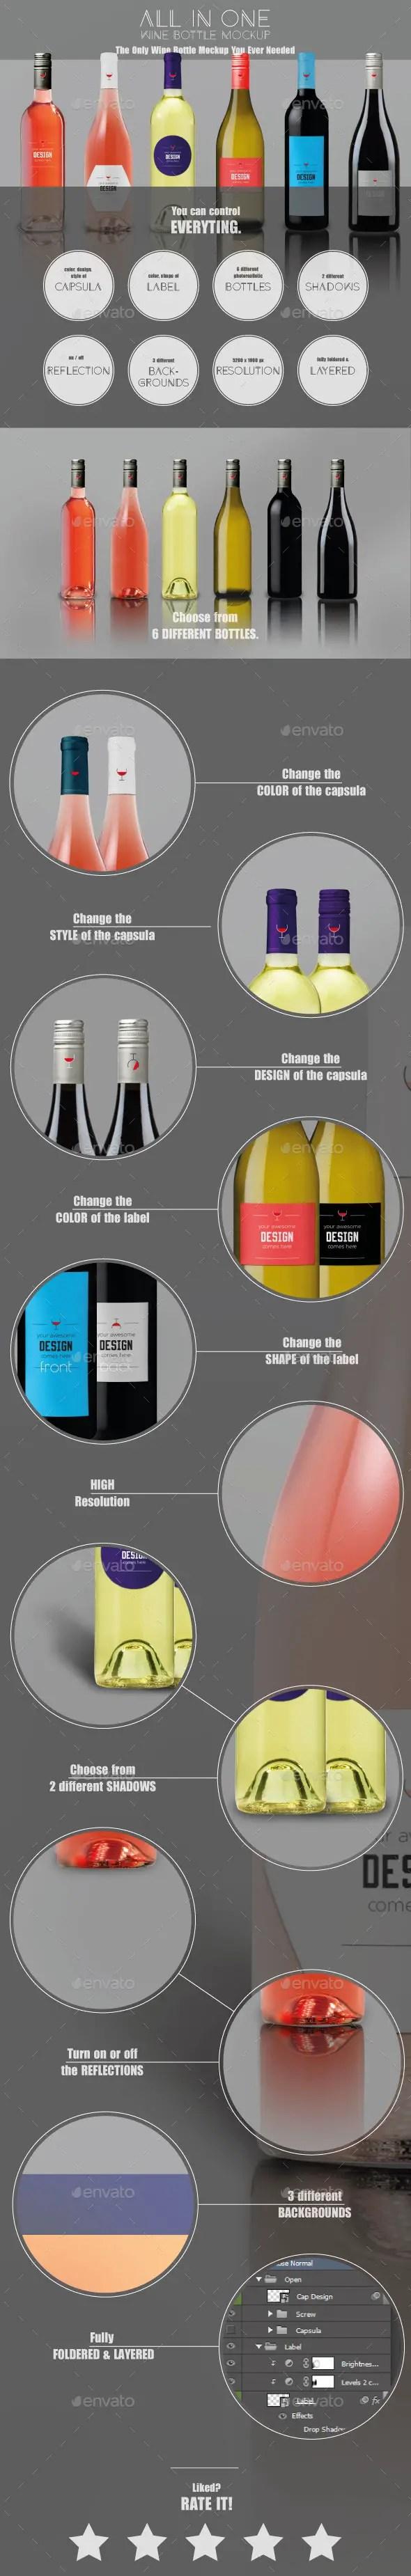 All-In-One Wine Bottle Mockup